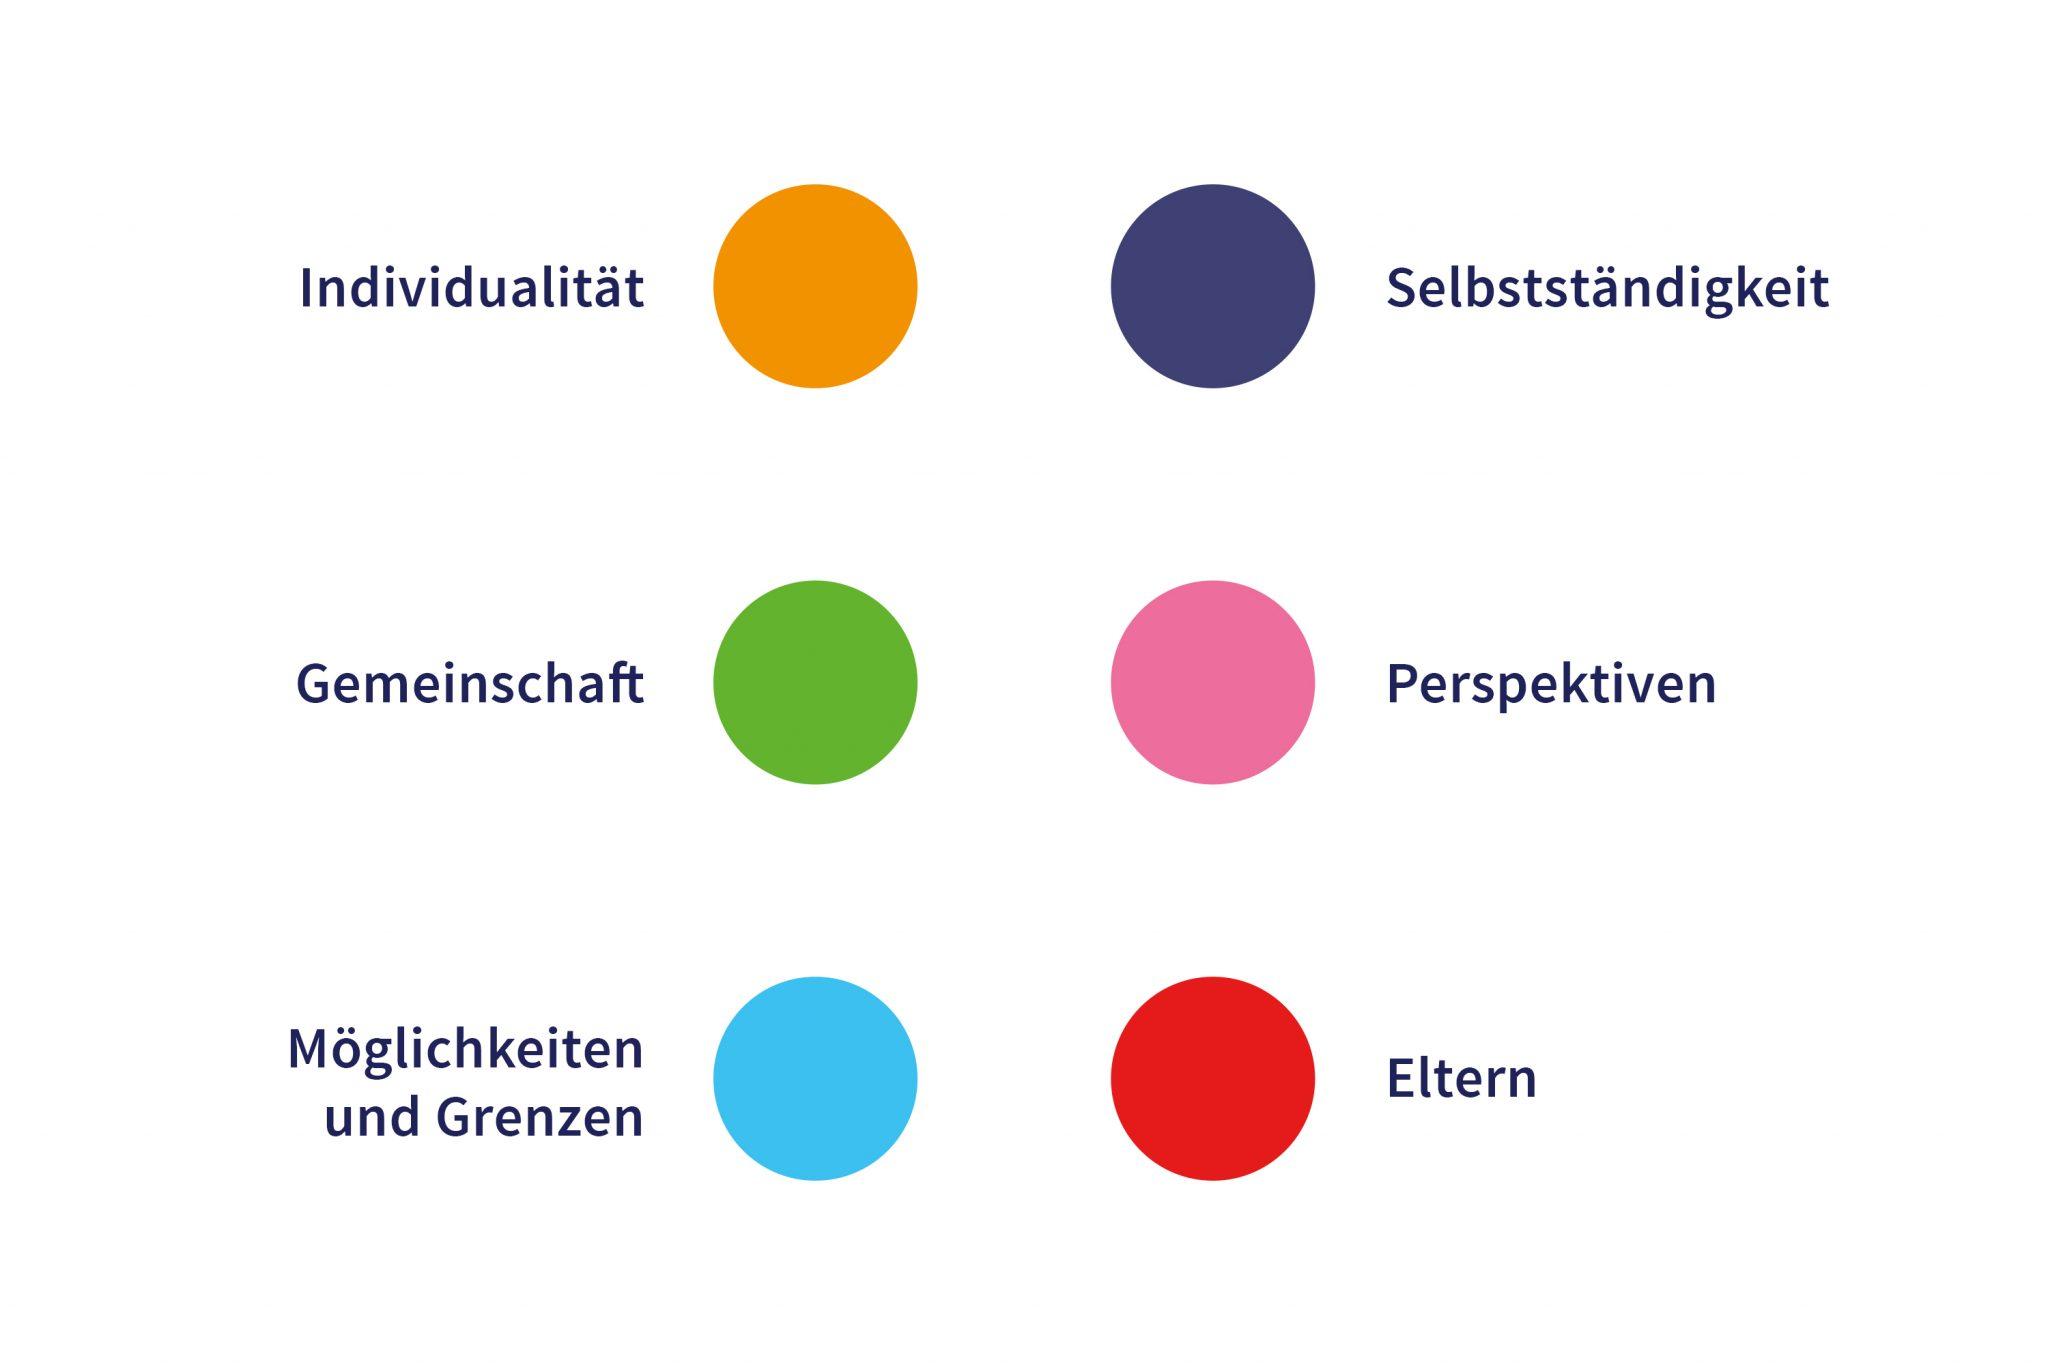 Sechs Braillepunkte in unterschiedlichen Farben. Jeder Punkt steht für einen Leitsatz: Individualität, Selbständigkeit, Gemeinschaft, Perspektiven, Möglichkeiten und Grenzen, Eltern